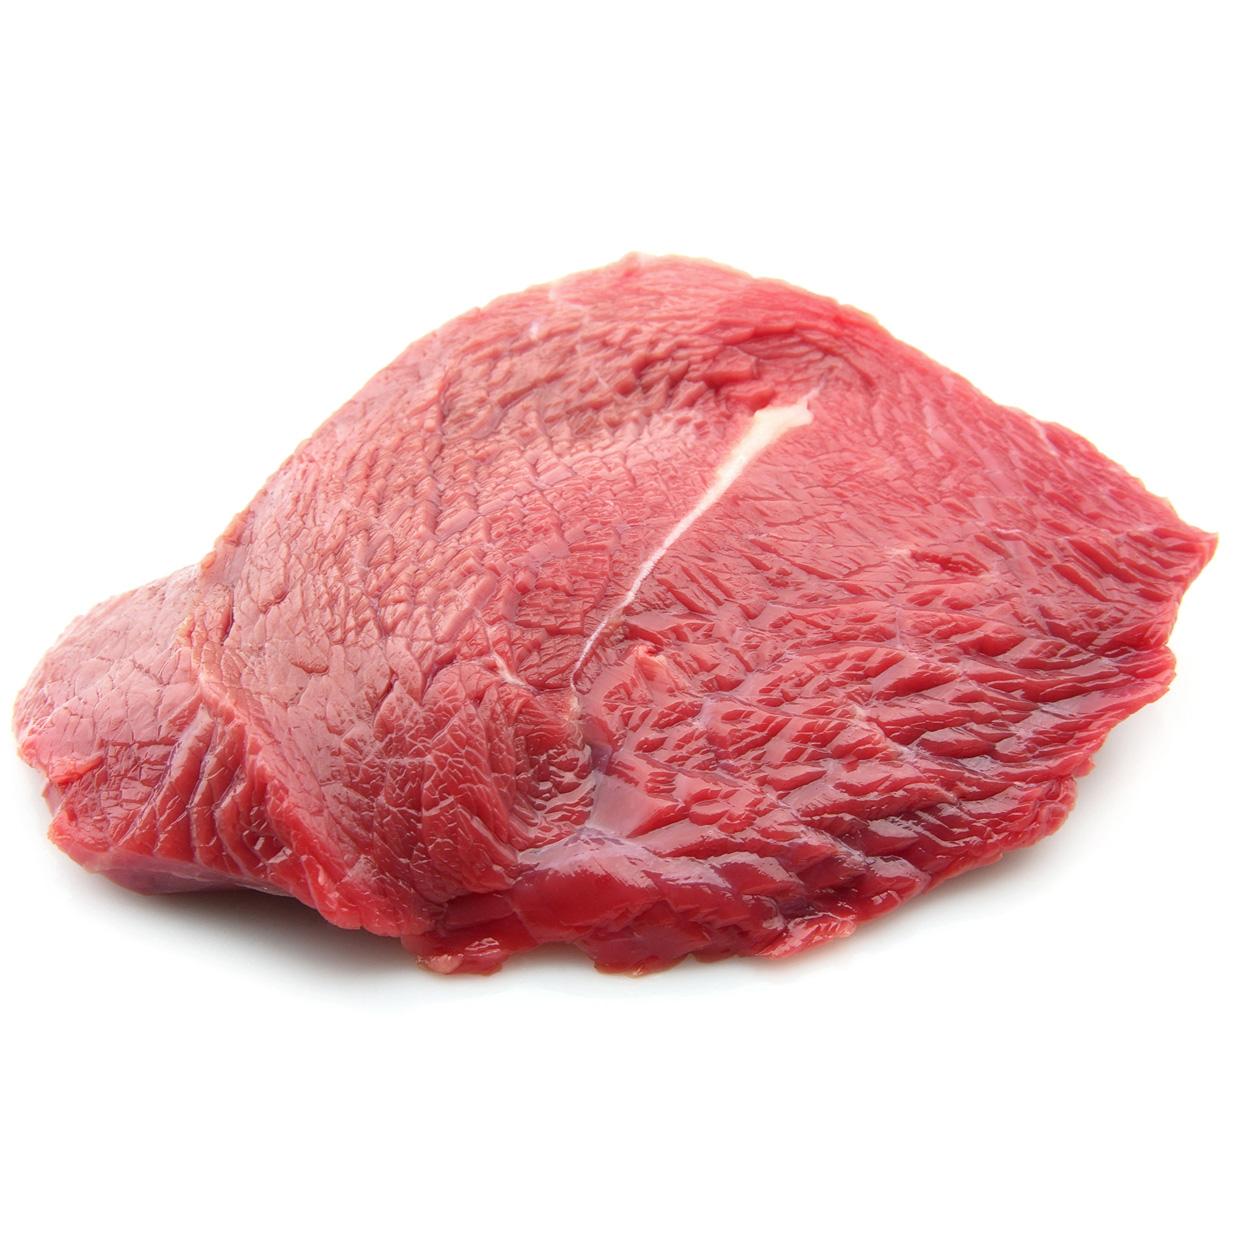 Steak de rumsteak boeuf (x 2, environ 350-400 g)